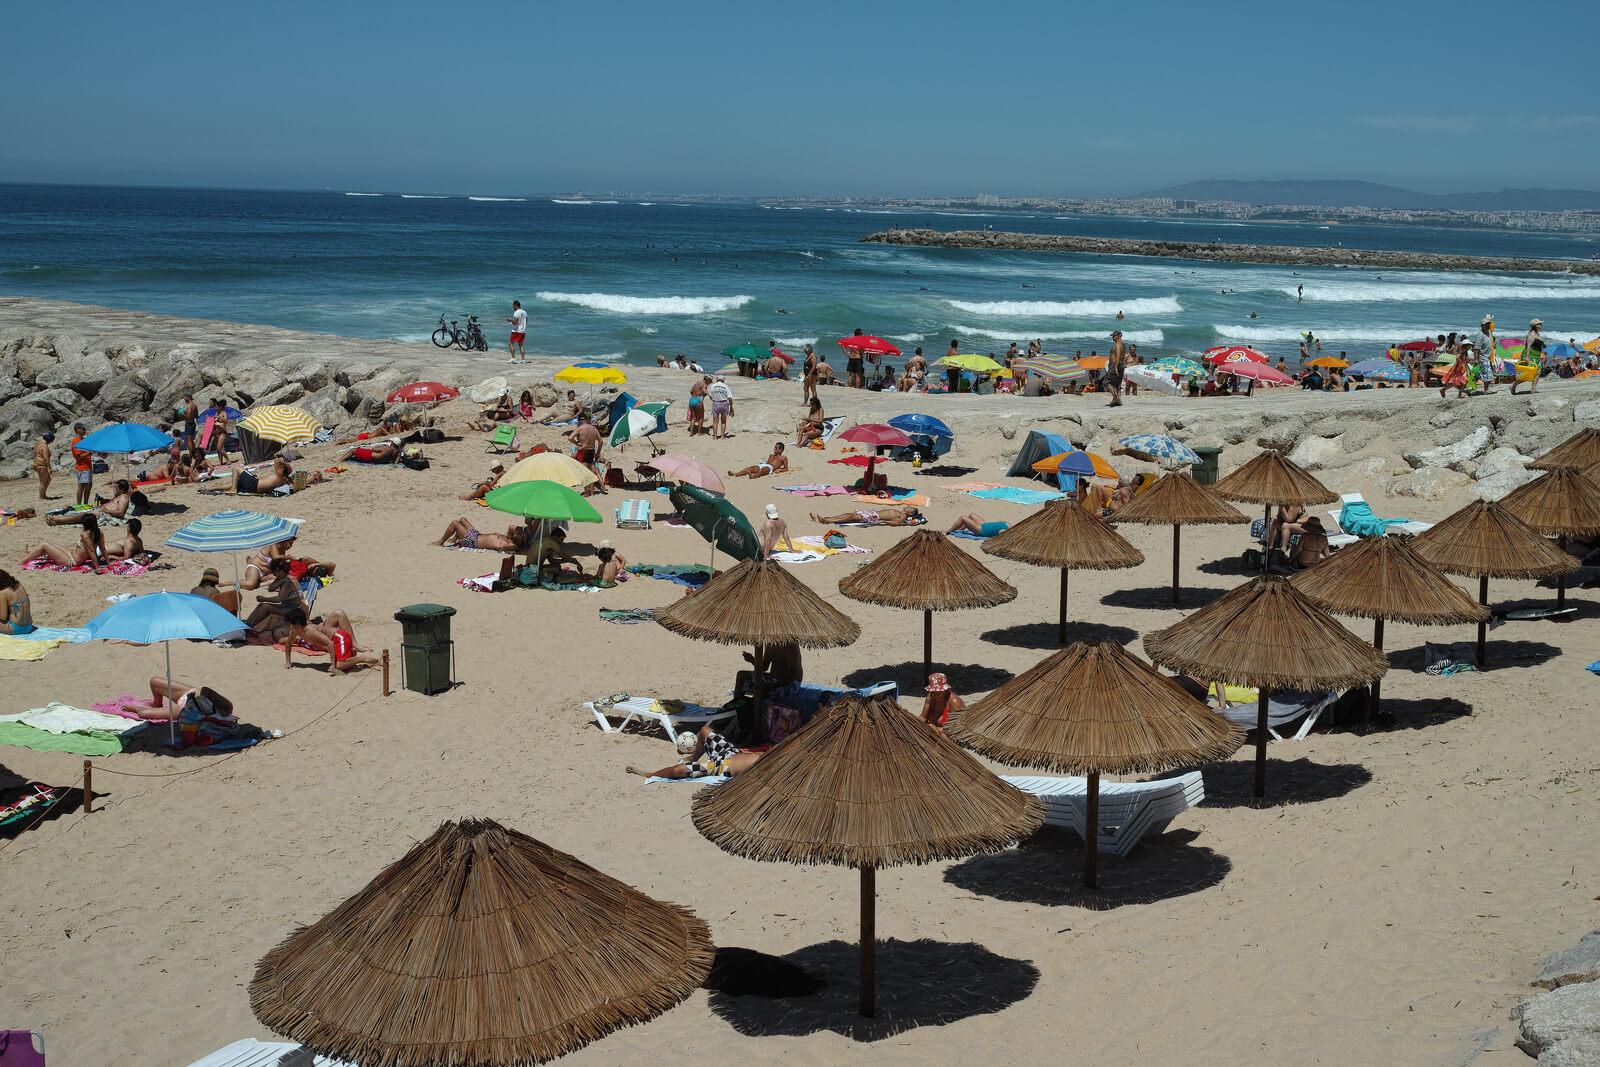 Кошта-да-Капарика на западном побережье Португалии